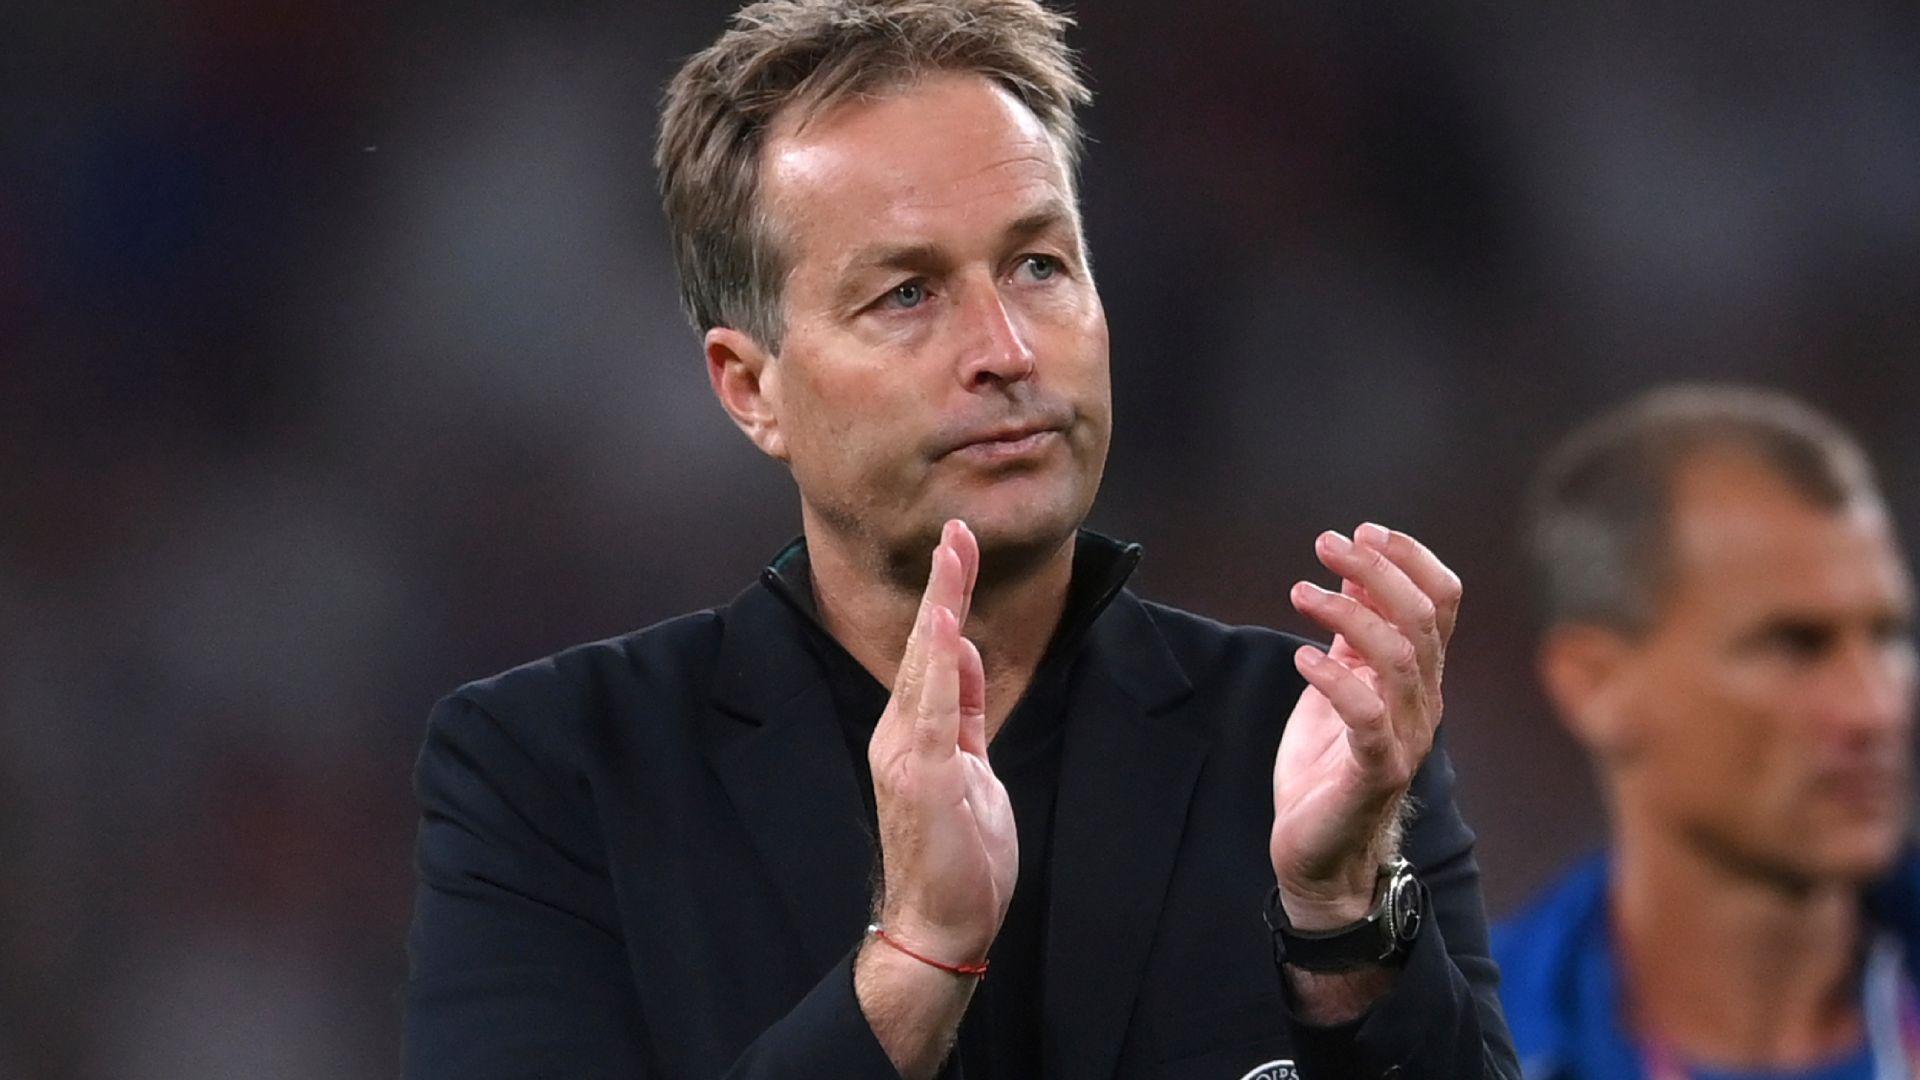 Denmark boss Hjulmand 'bitter' over penalty call